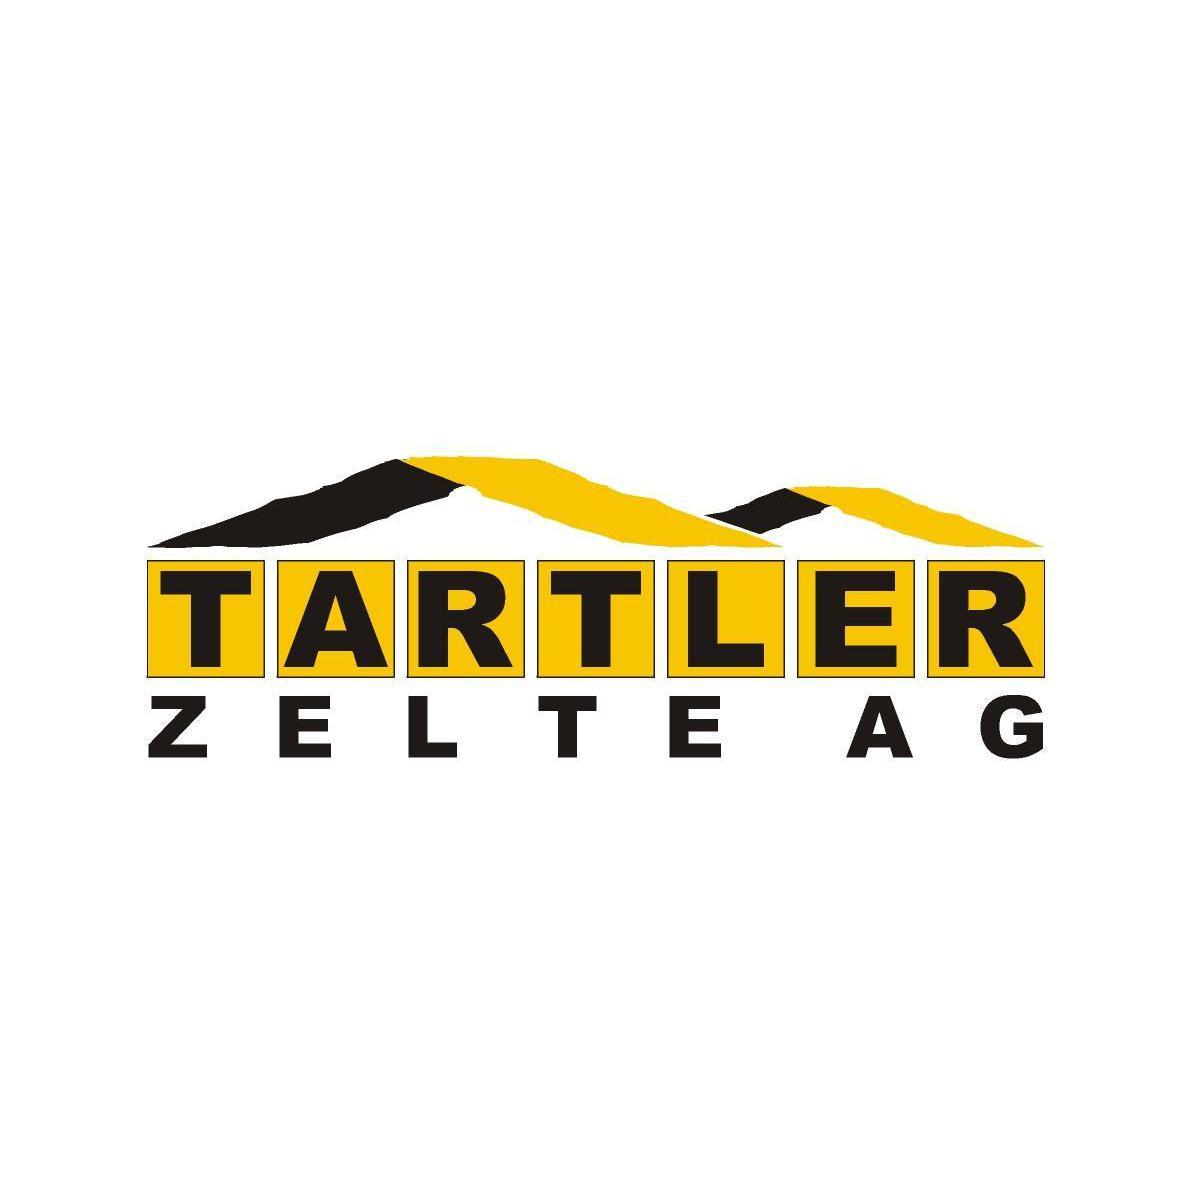 TARTLER Zelte AG